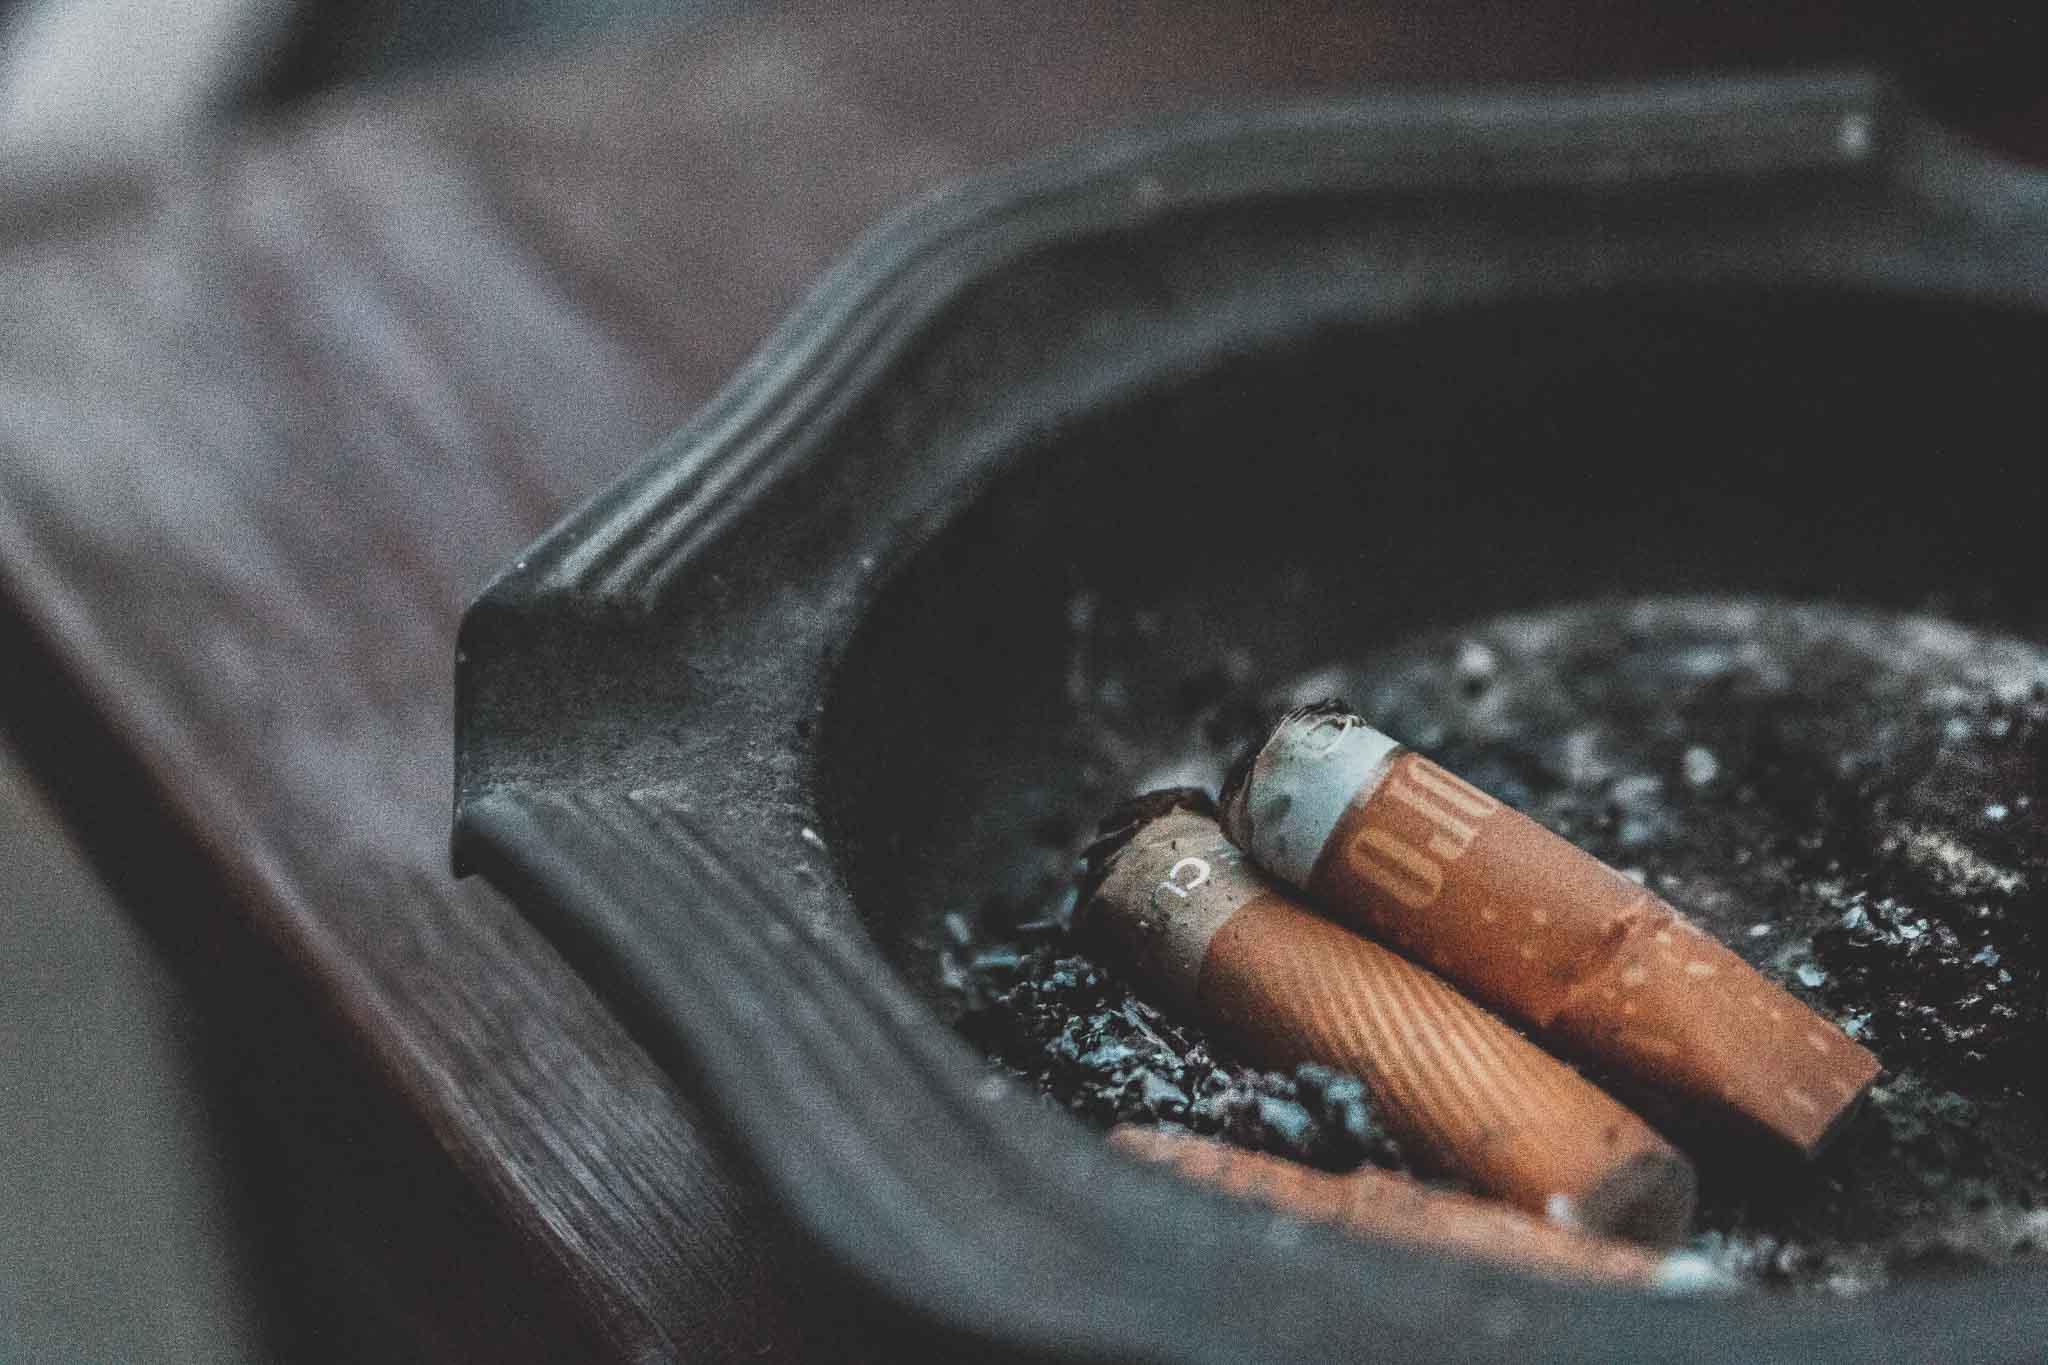 Jak rzucić palenie i nie przytyć? Niezbyt poważny poradnik na ważny temat